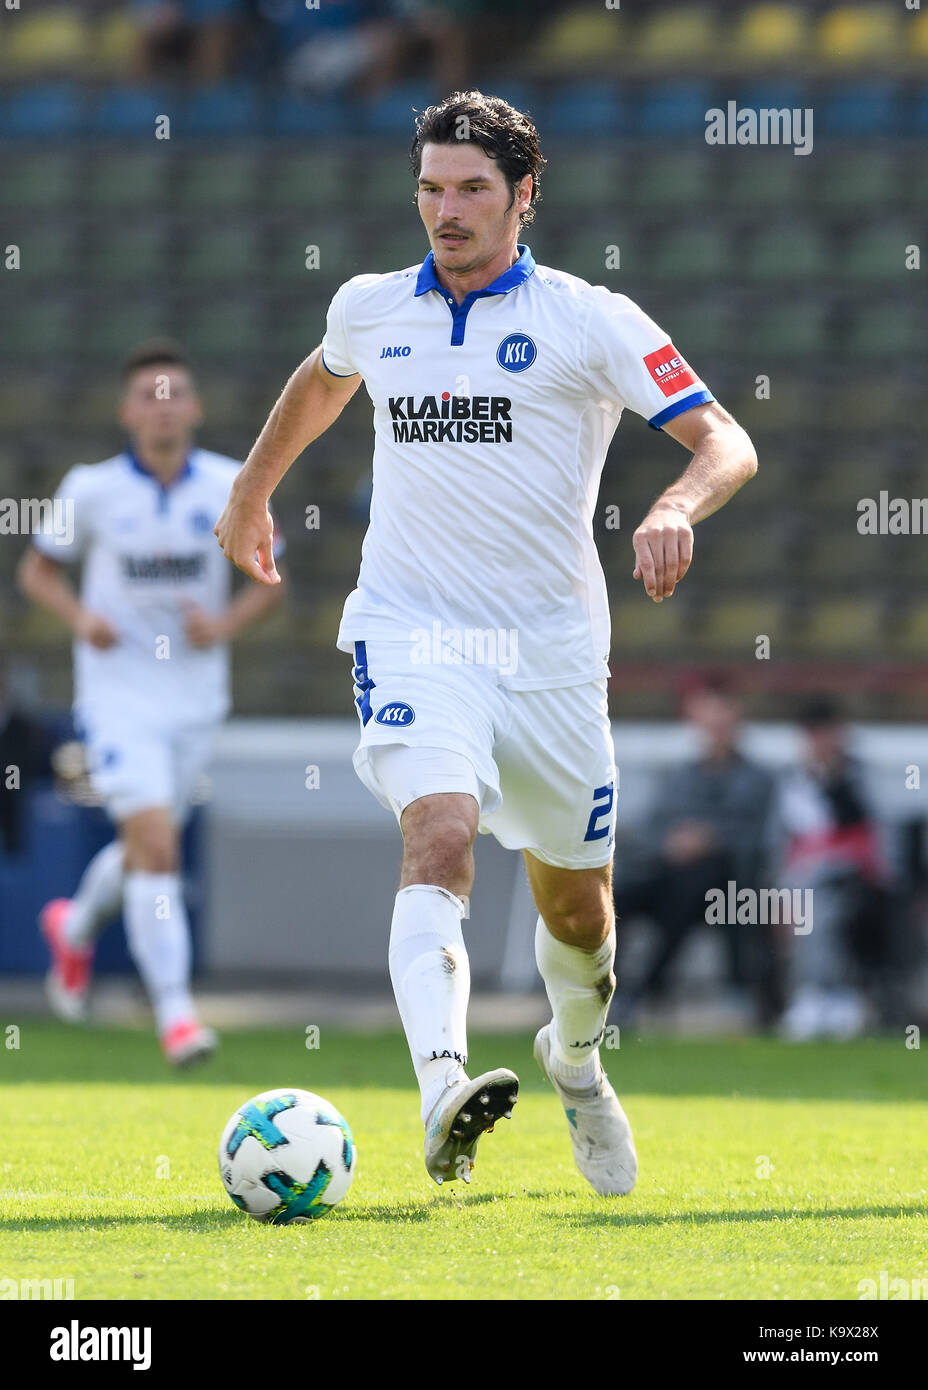 Karlsruhe, Deutschland. 24th Sep, 2017. Dominik Stroh-Engel (KSC) Einzelaktion, Freisteller. GES/ Fussball/ 3. Liga: - Stock Image